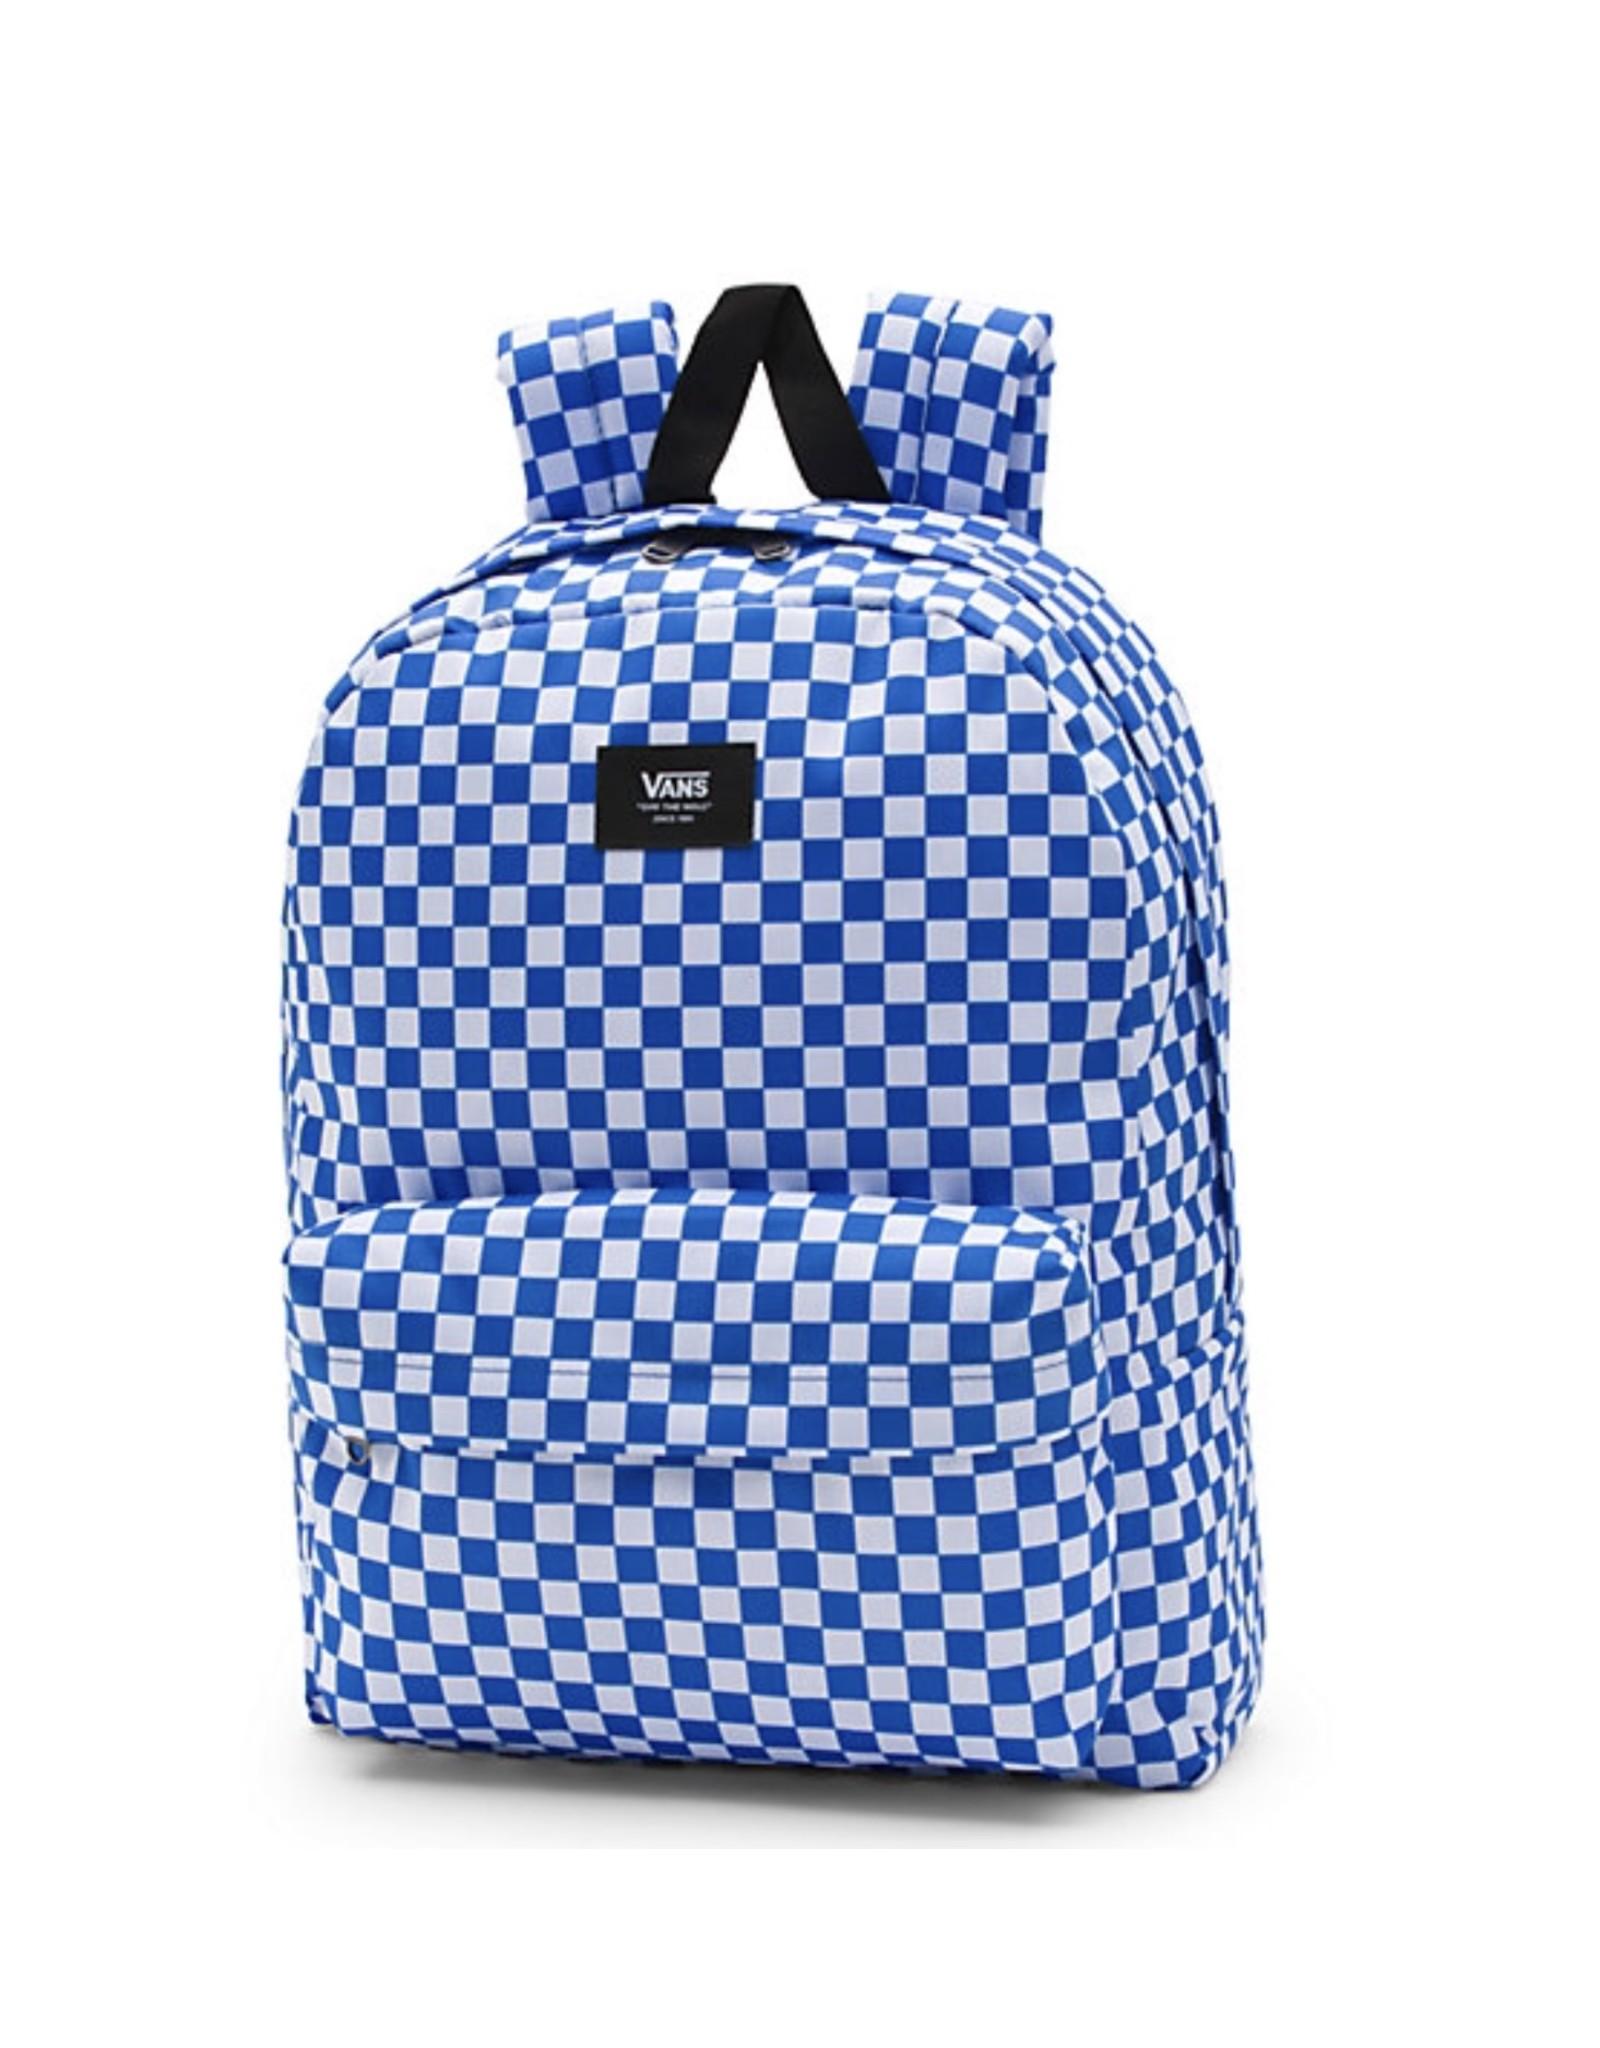 Vans Old Skool III Blue Checker